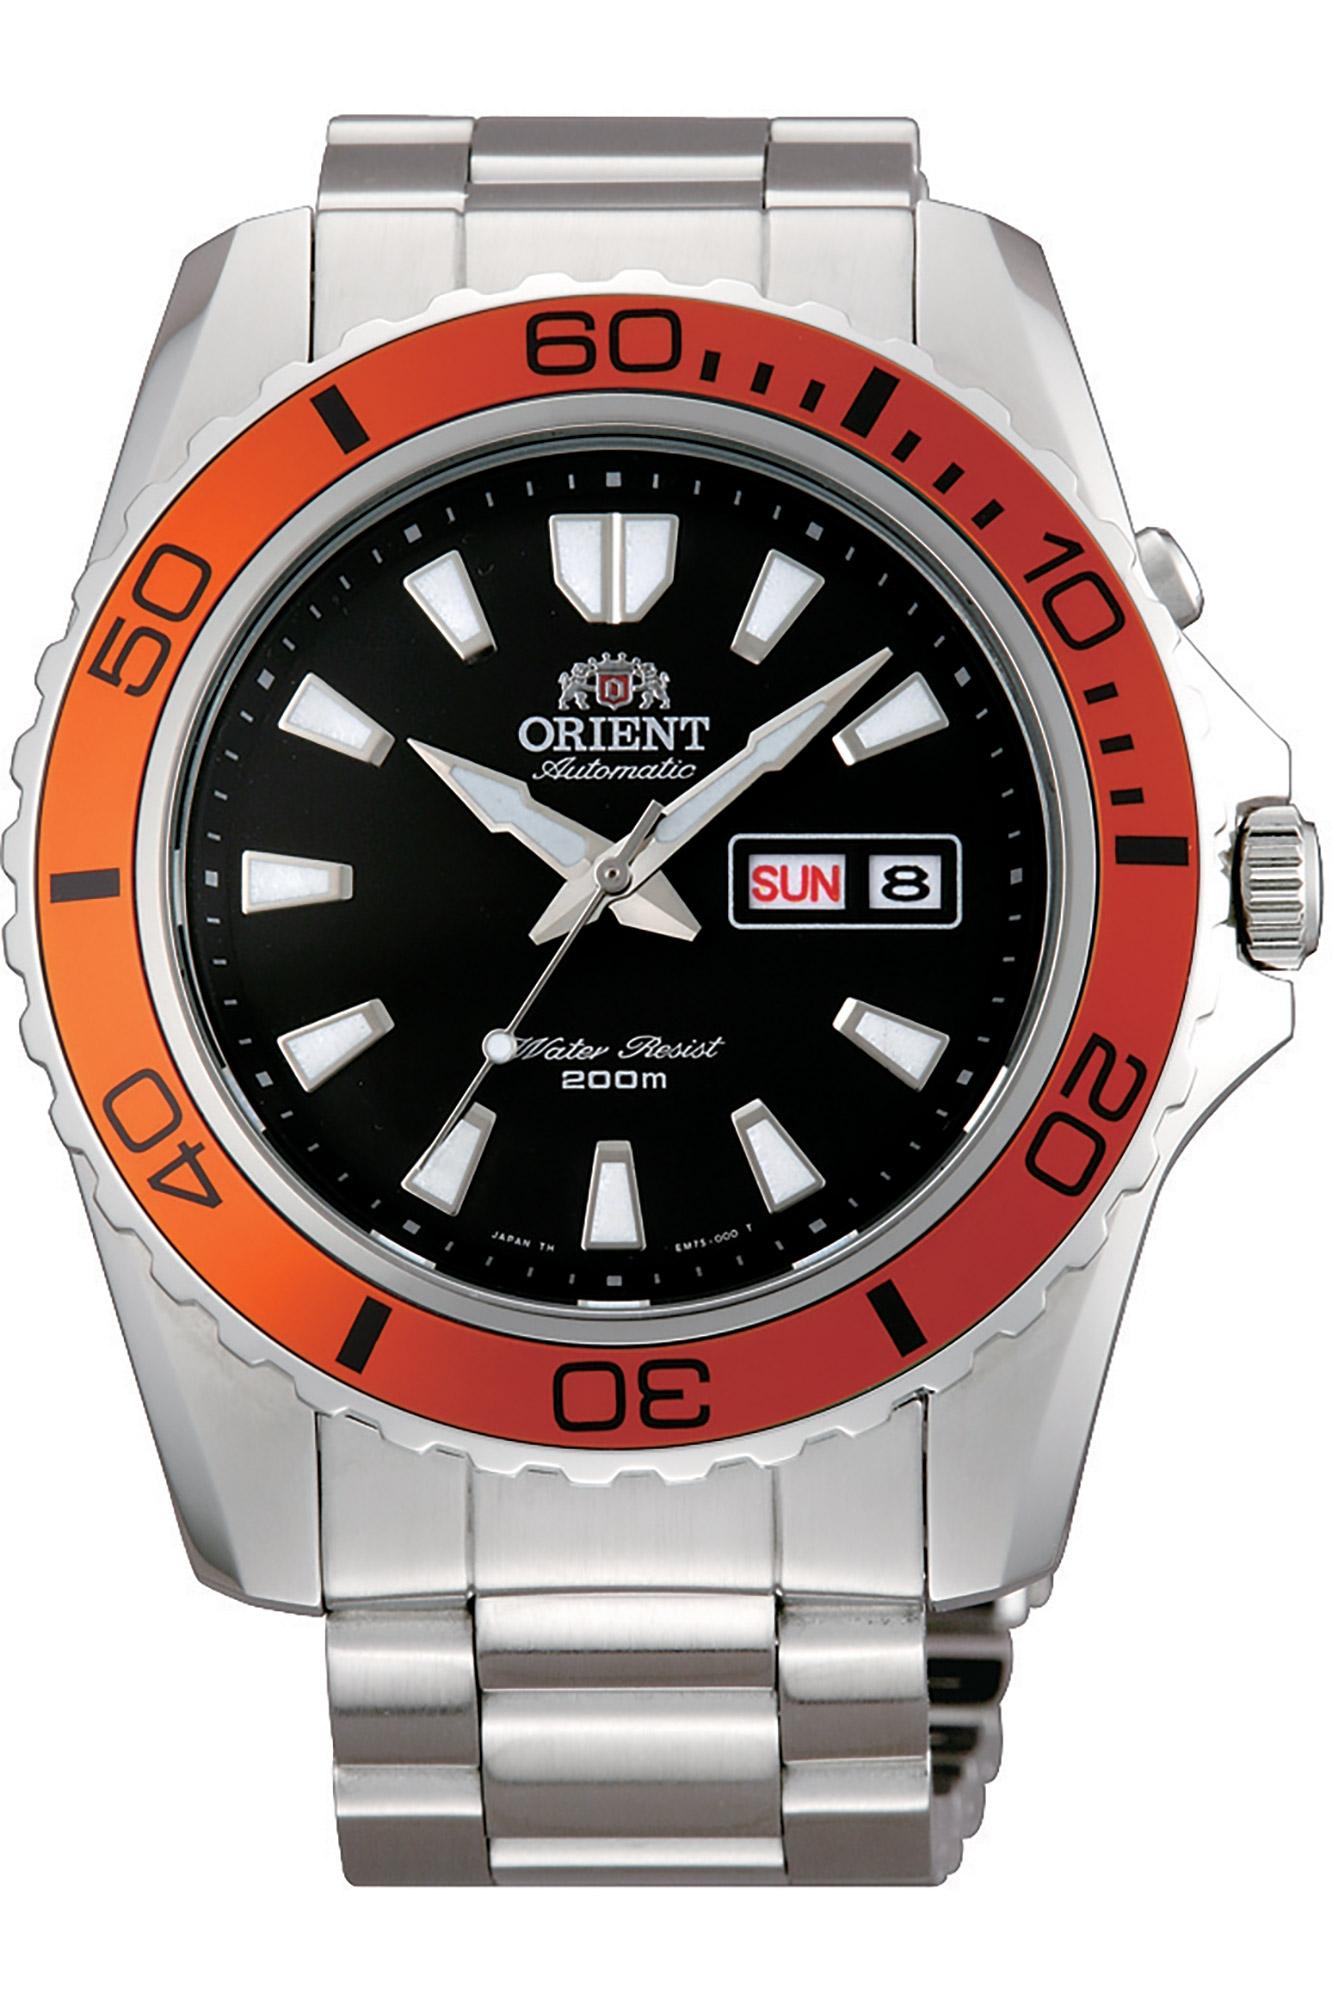 93c5e48c4e5b53 Orologio OrientSports FEM75004B9 - Aion Time